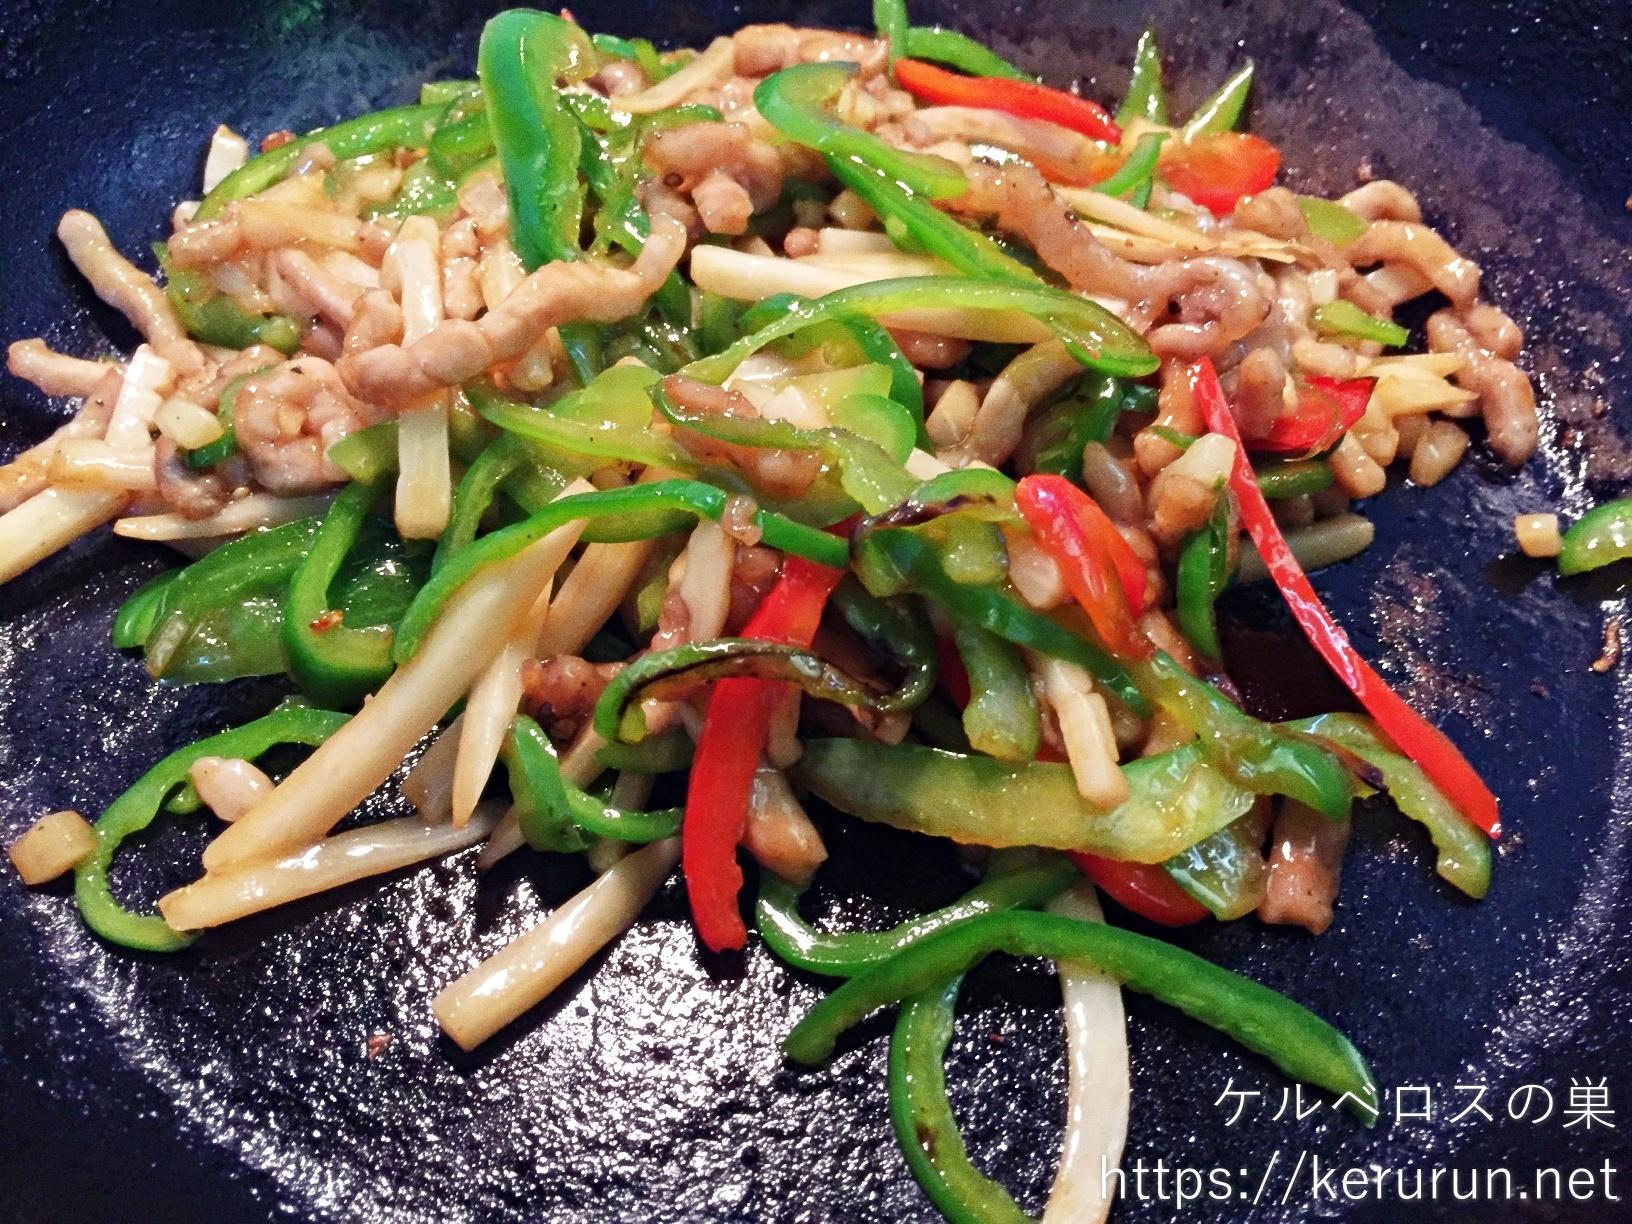 パルシステムのお料理セット「青椒肉絲」で晩ごはん